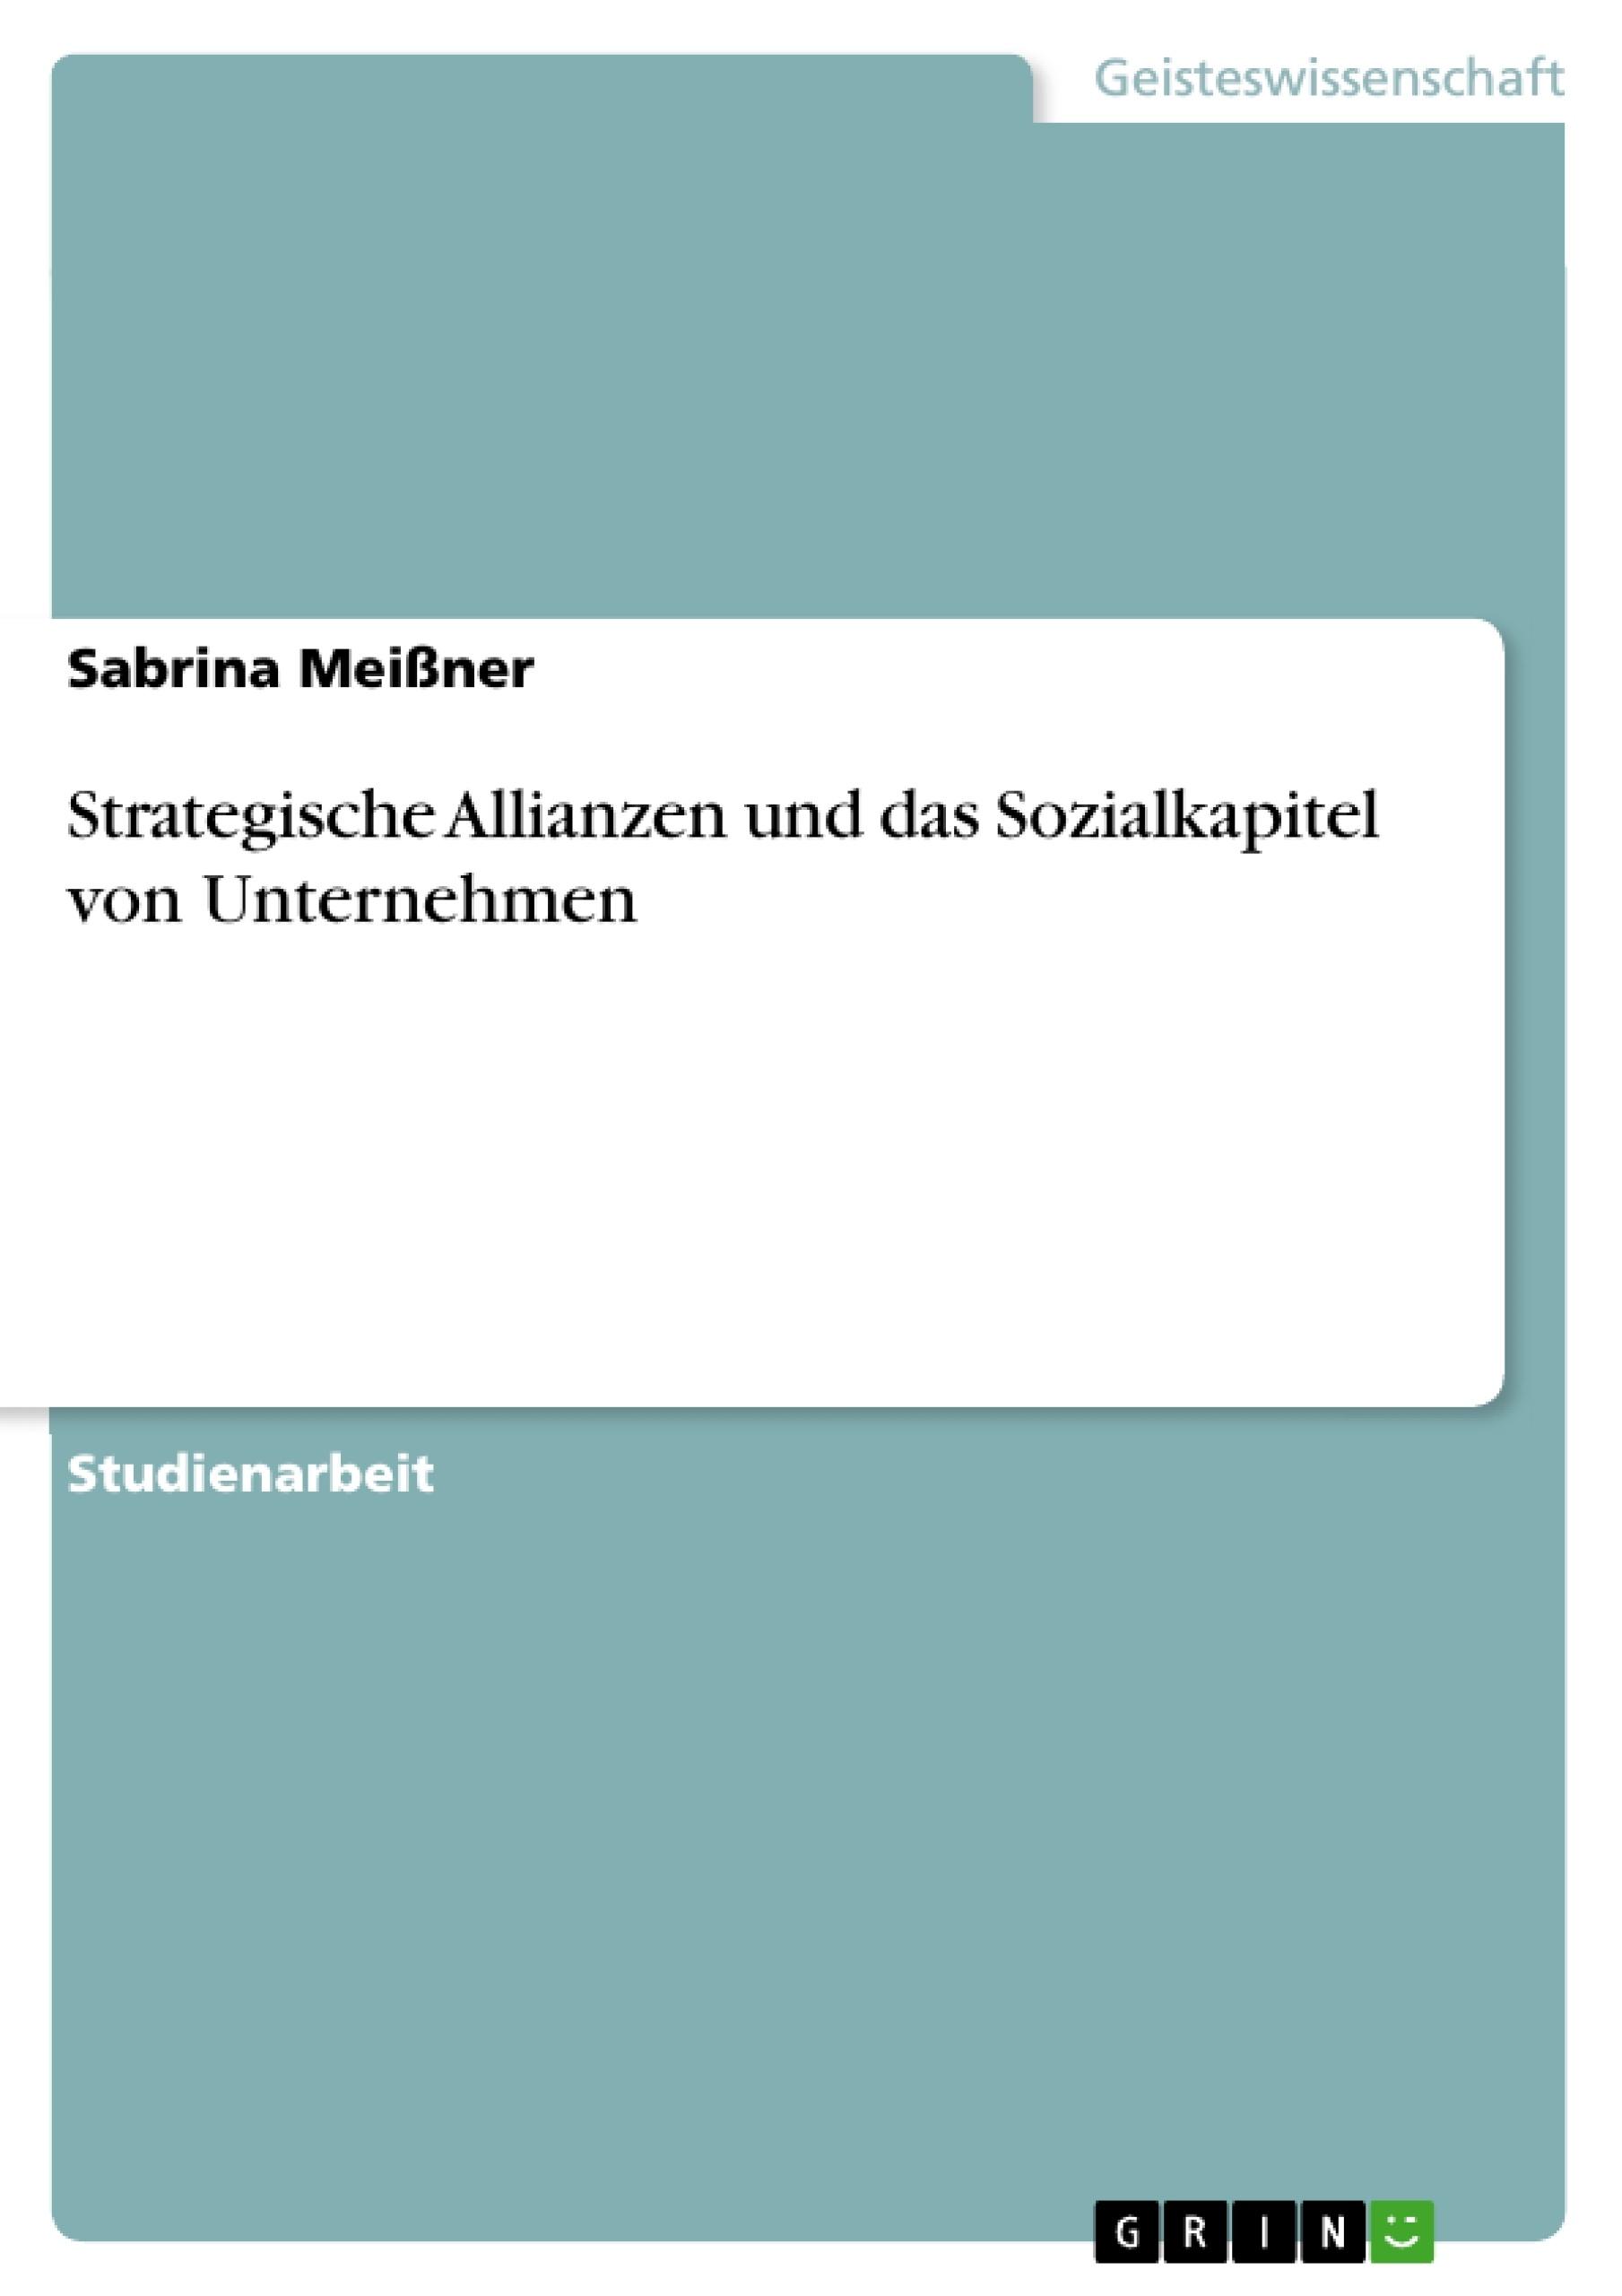 Titel: Strategische Allianzen und das Sozialkapitel von Unternehmen